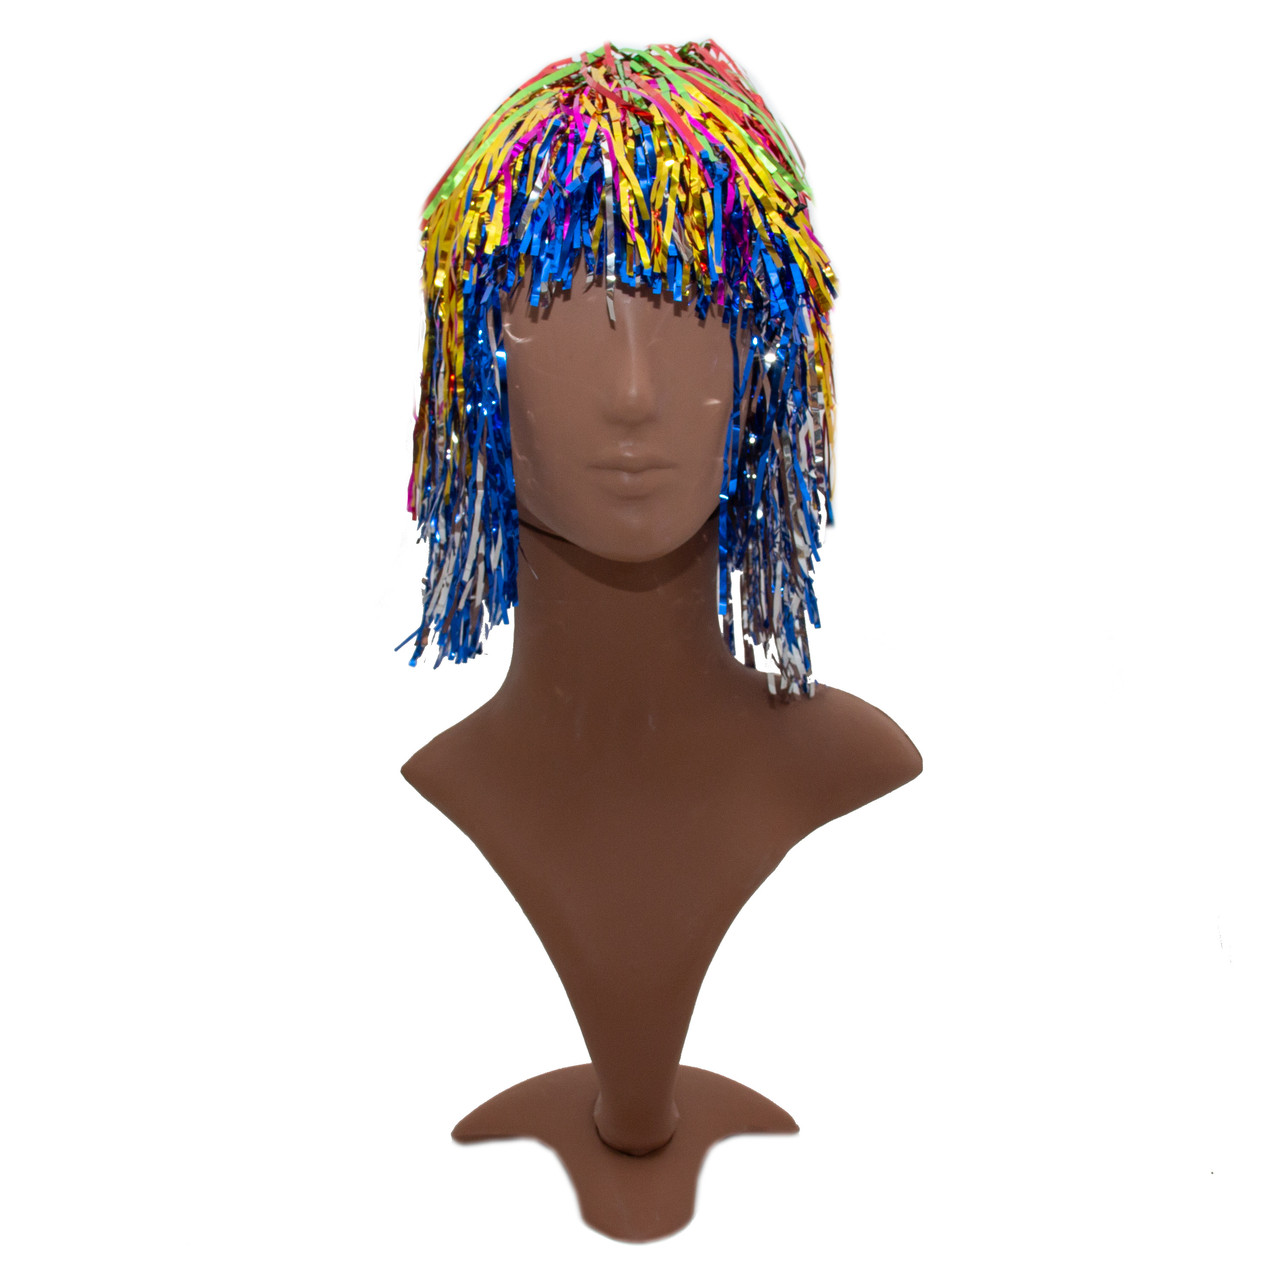 Парик карнавальный, 32-35 см, разноцветный, ПВХ (462230-2)